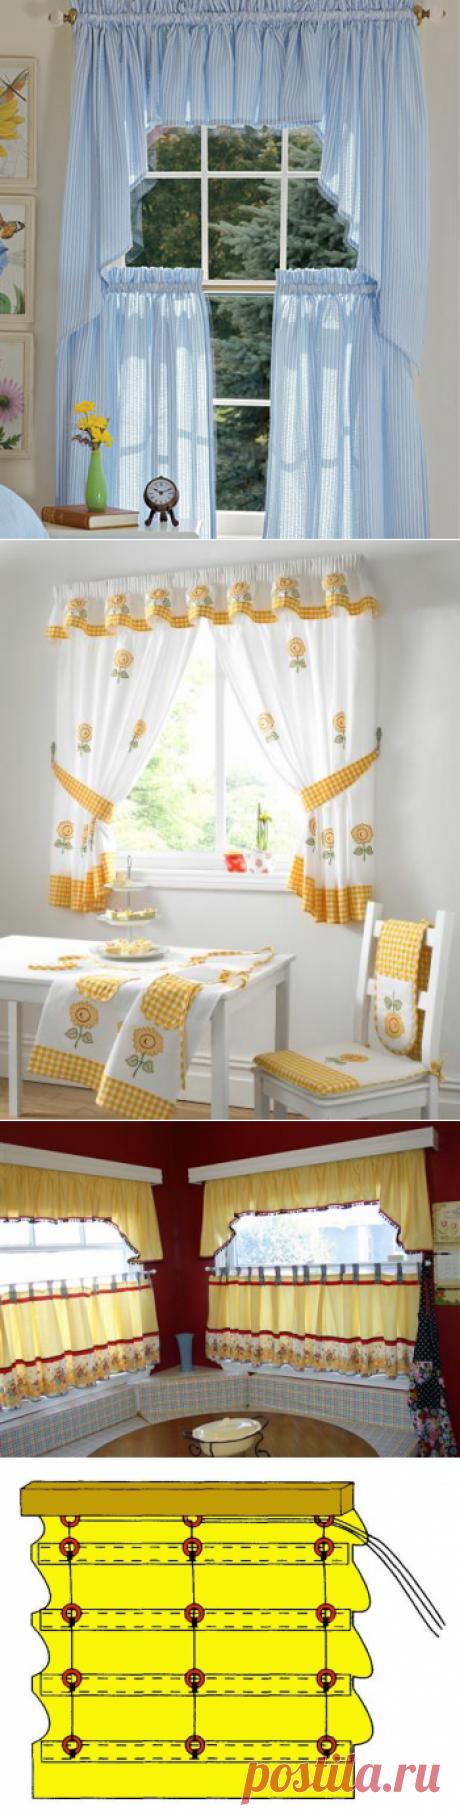 Выкройки штор для кухни